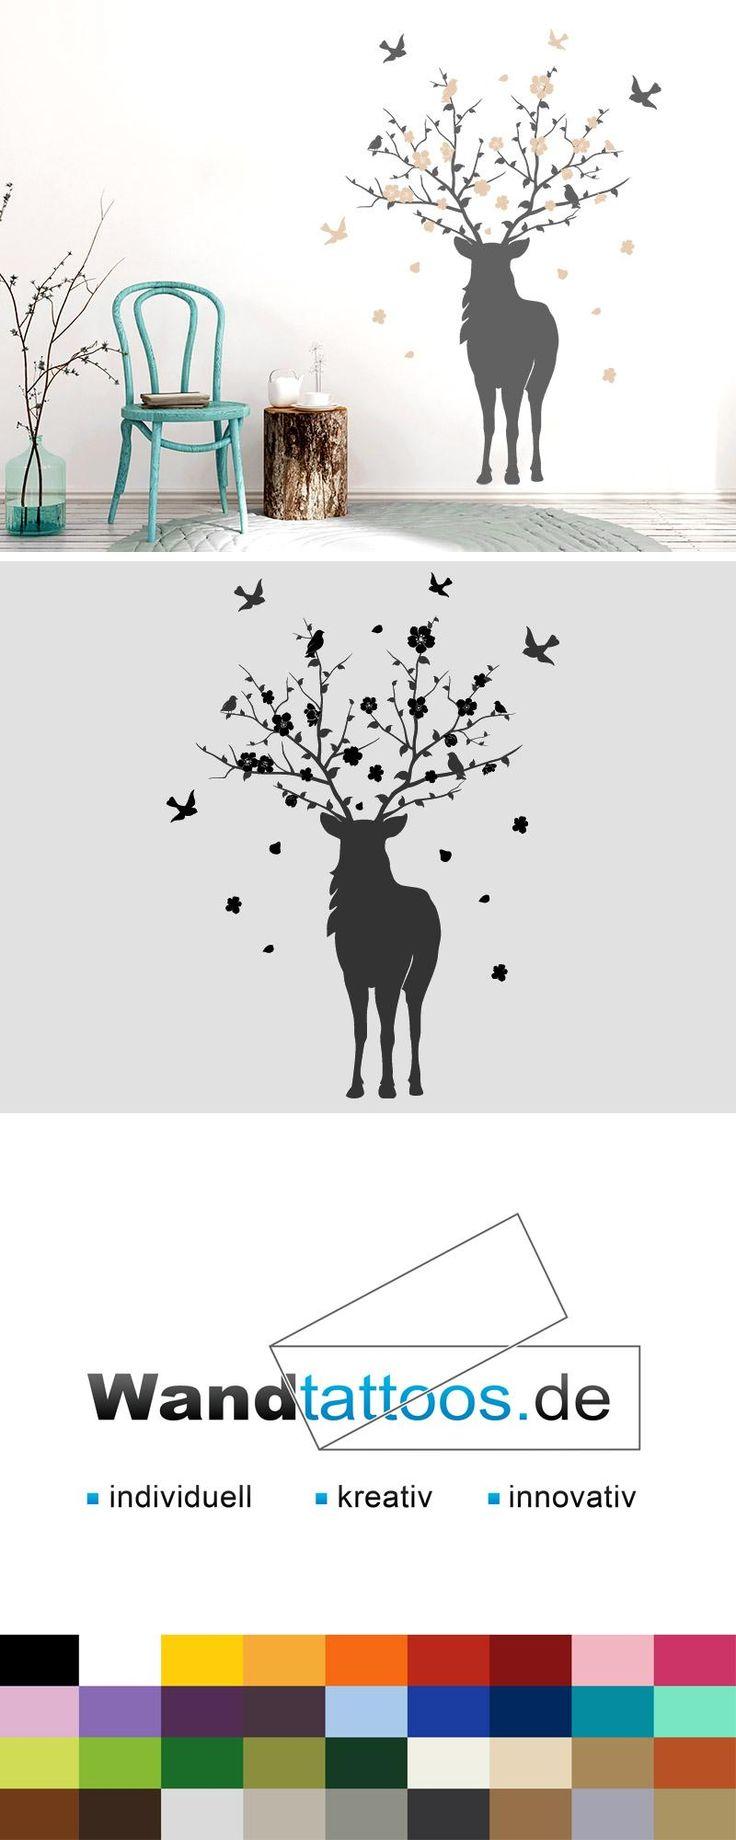 Wandtattoo Hirsch mit Blüten als Idee zur individuellen Wandgestaltung. Einfach Lieblingsfarbe und Größe auswählen. Weitere kreative Anregungen von Wandtattoos.de hier entdecken!